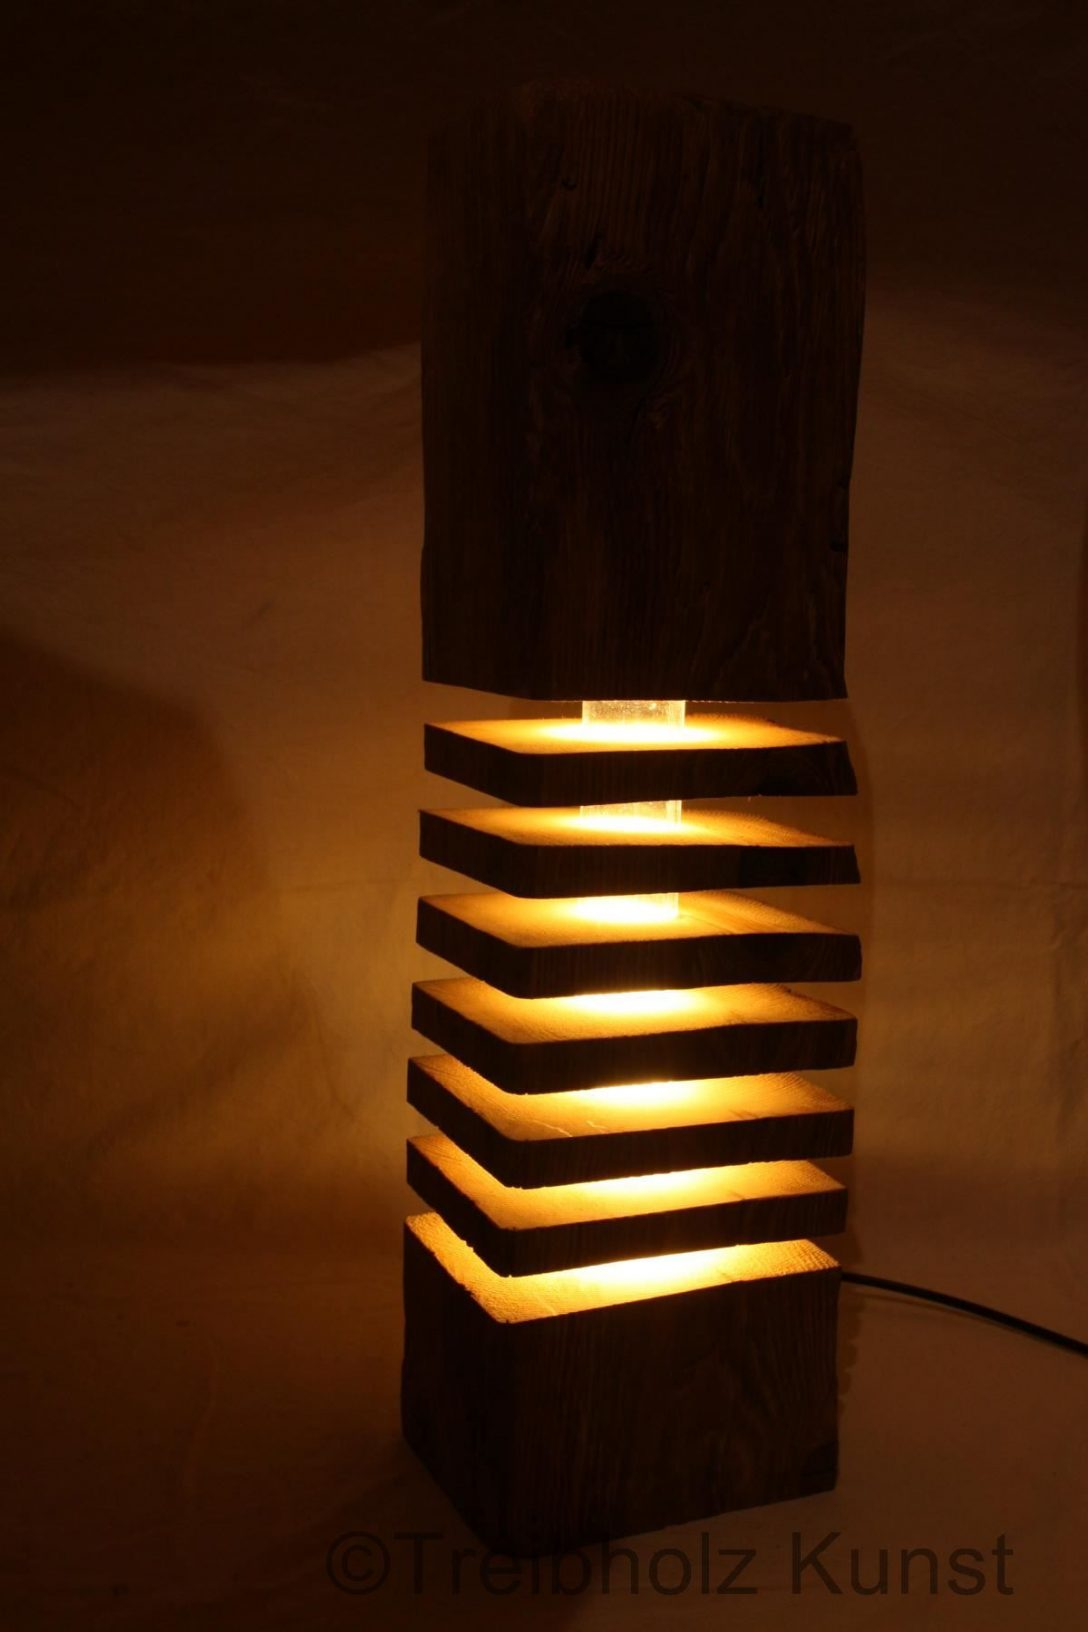 Large Size of Designer Lampen Holz Deckenlampen Für Wohnzimmer Led Küche Esstisch Schlafzimmer Betten Regale Esstische Badezimmer Bad Stehlampen Modern Wohnzimmer Designer Lampen